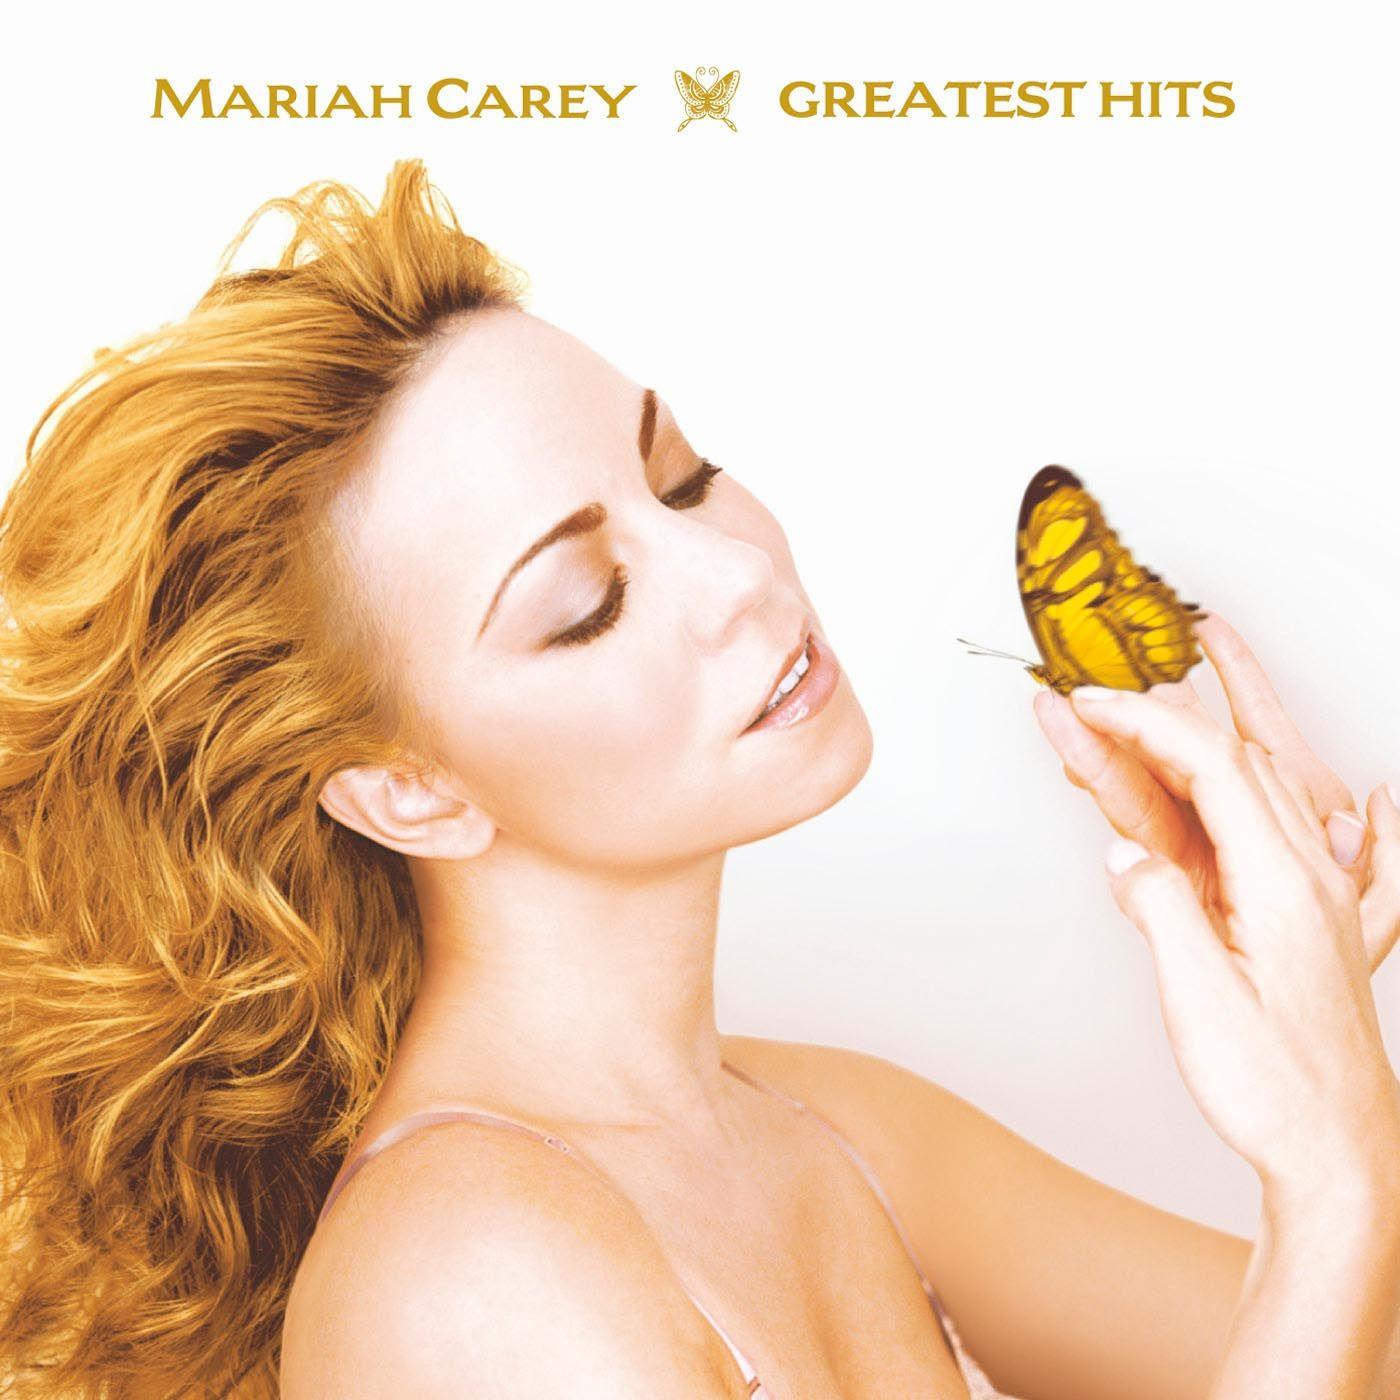 Mariah Carey The Greatest Hits Mariah Carey Greatest Hits Mariah Carey Butterfly Mariah Carey